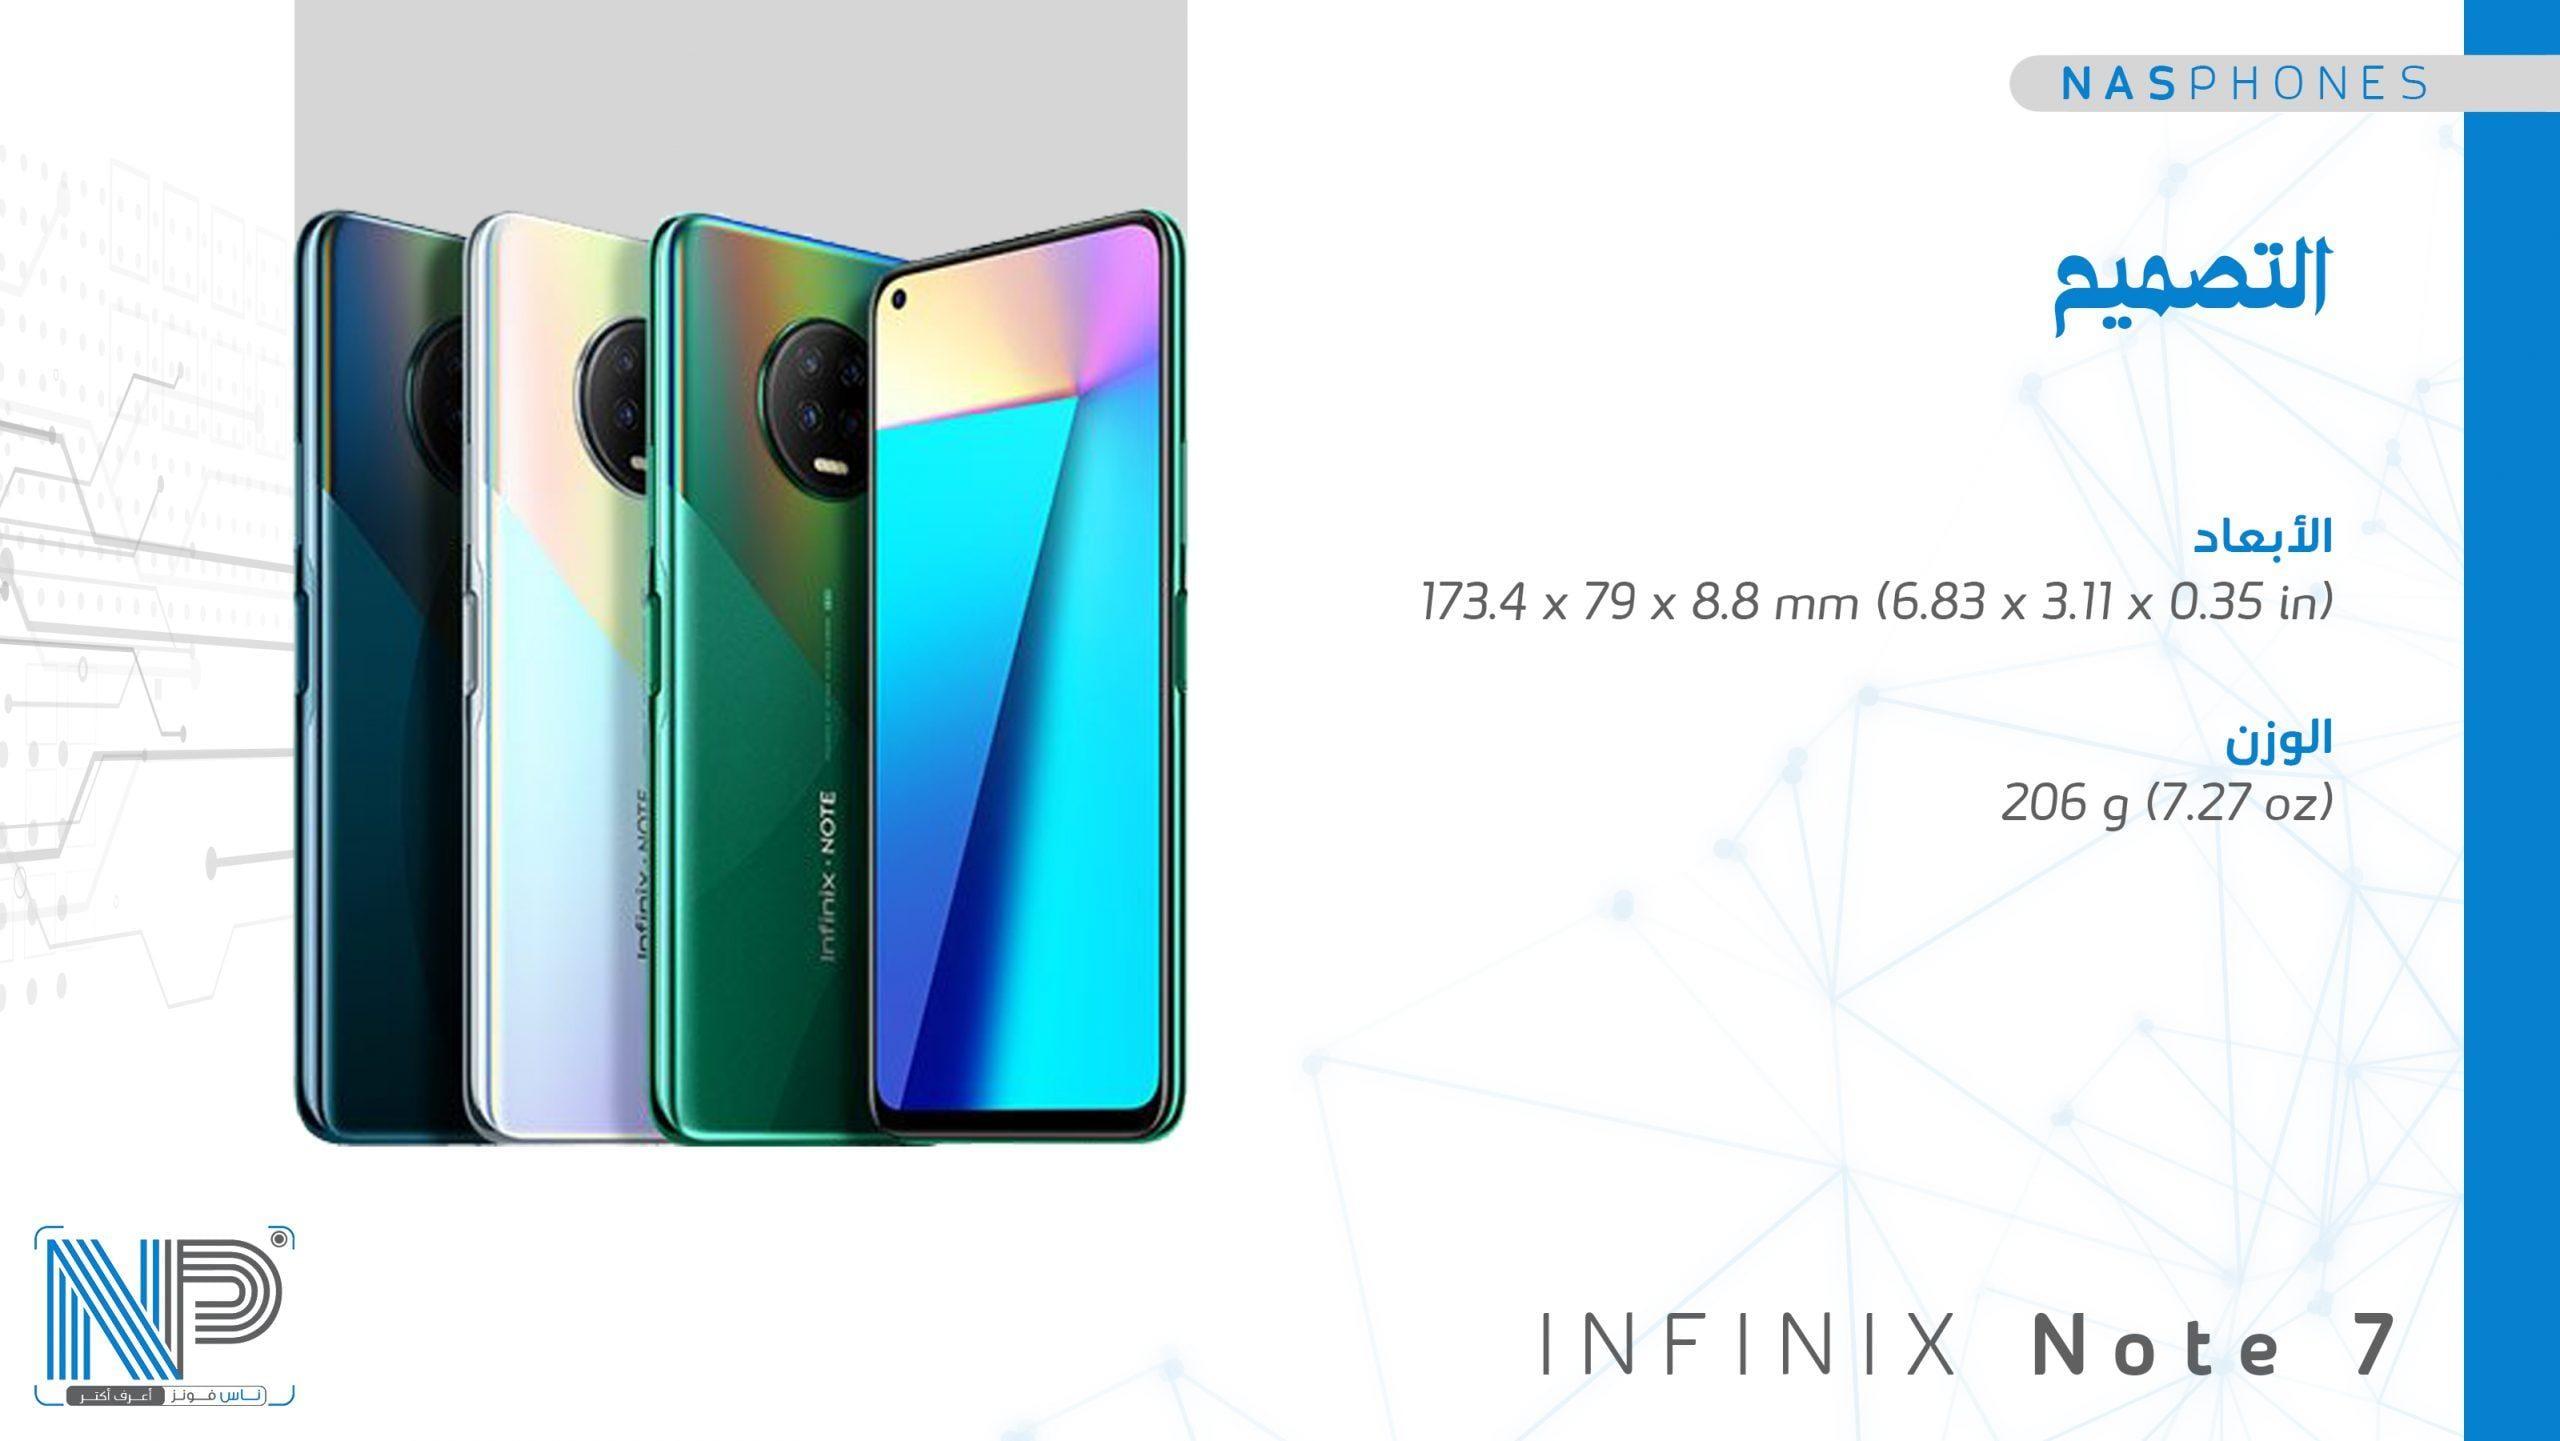 تصميم موبايل Infinix Note 7